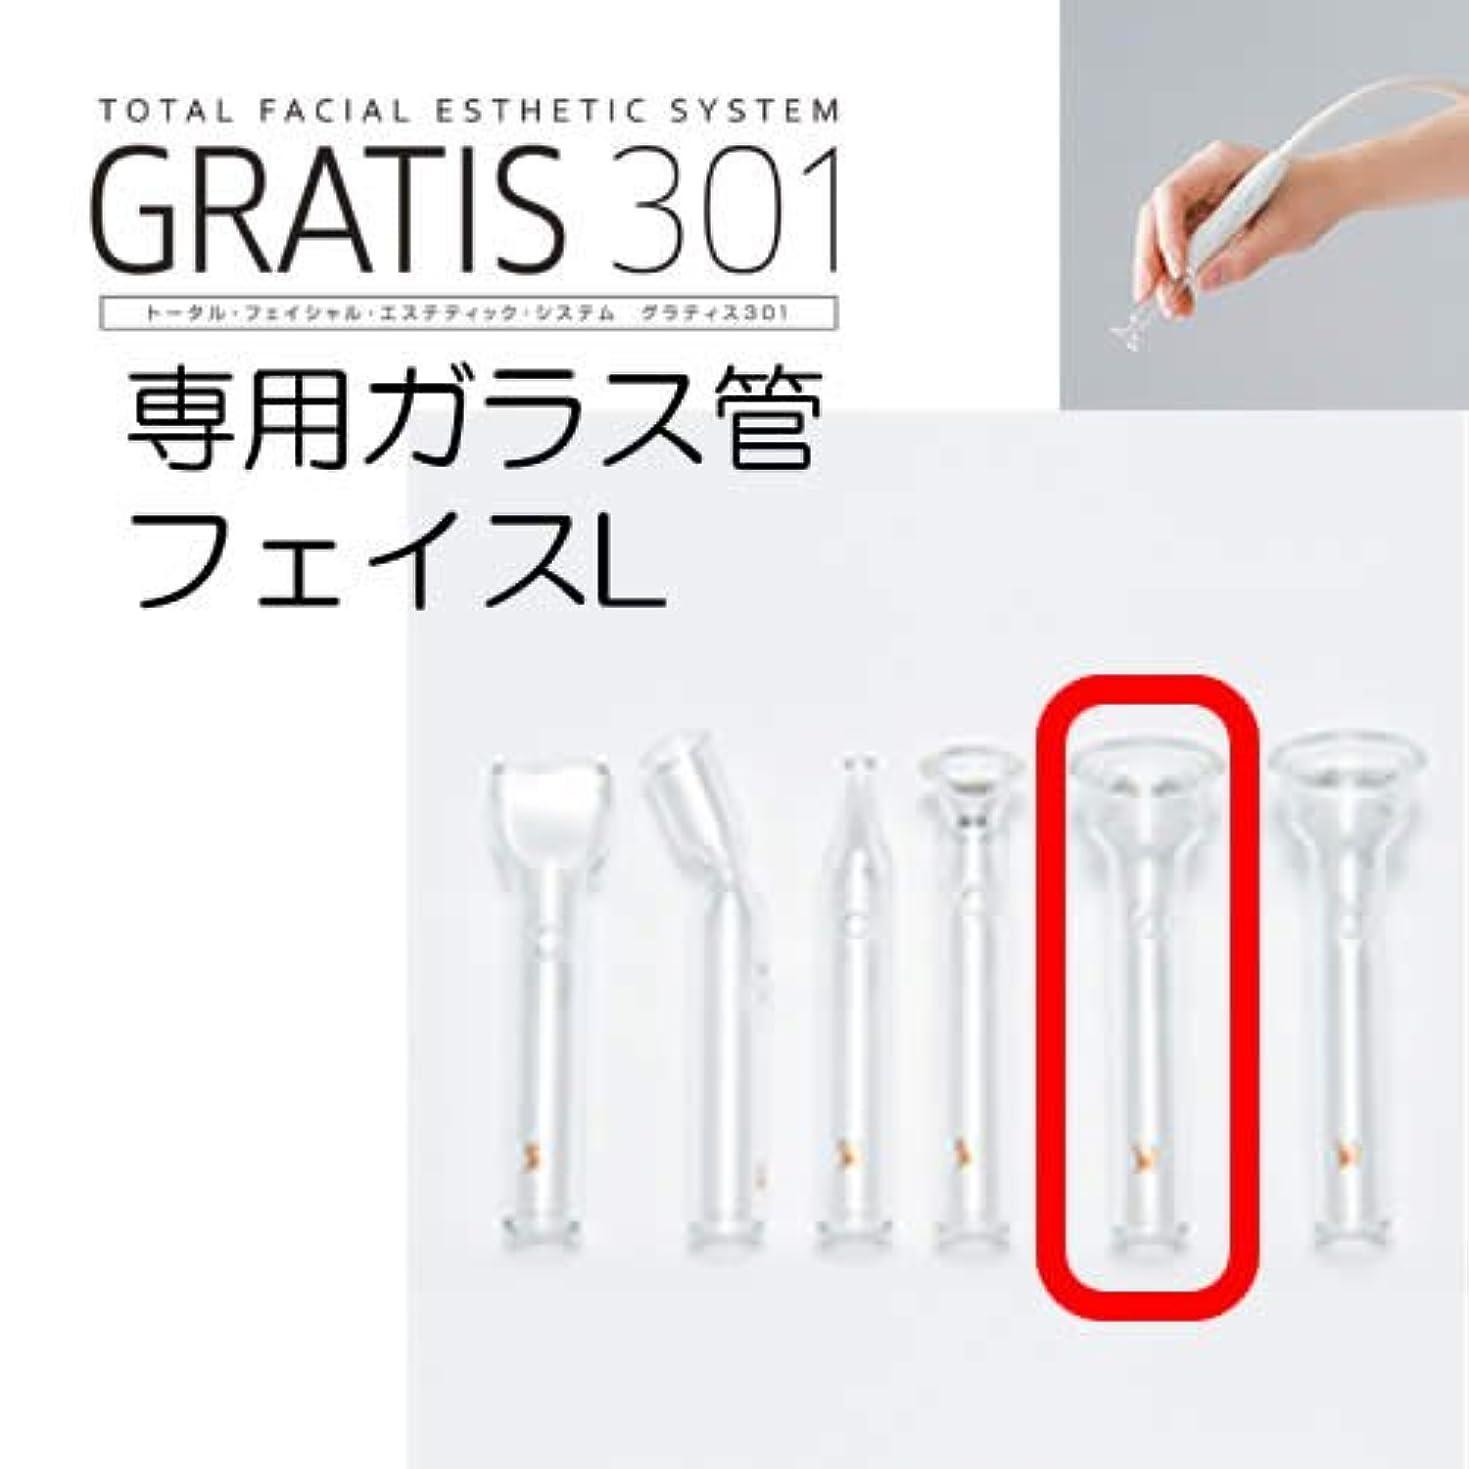 パワー腐敗したクロスGRATIS 301(グラティス301)専用ガラス管 フェイスL(2本セット)